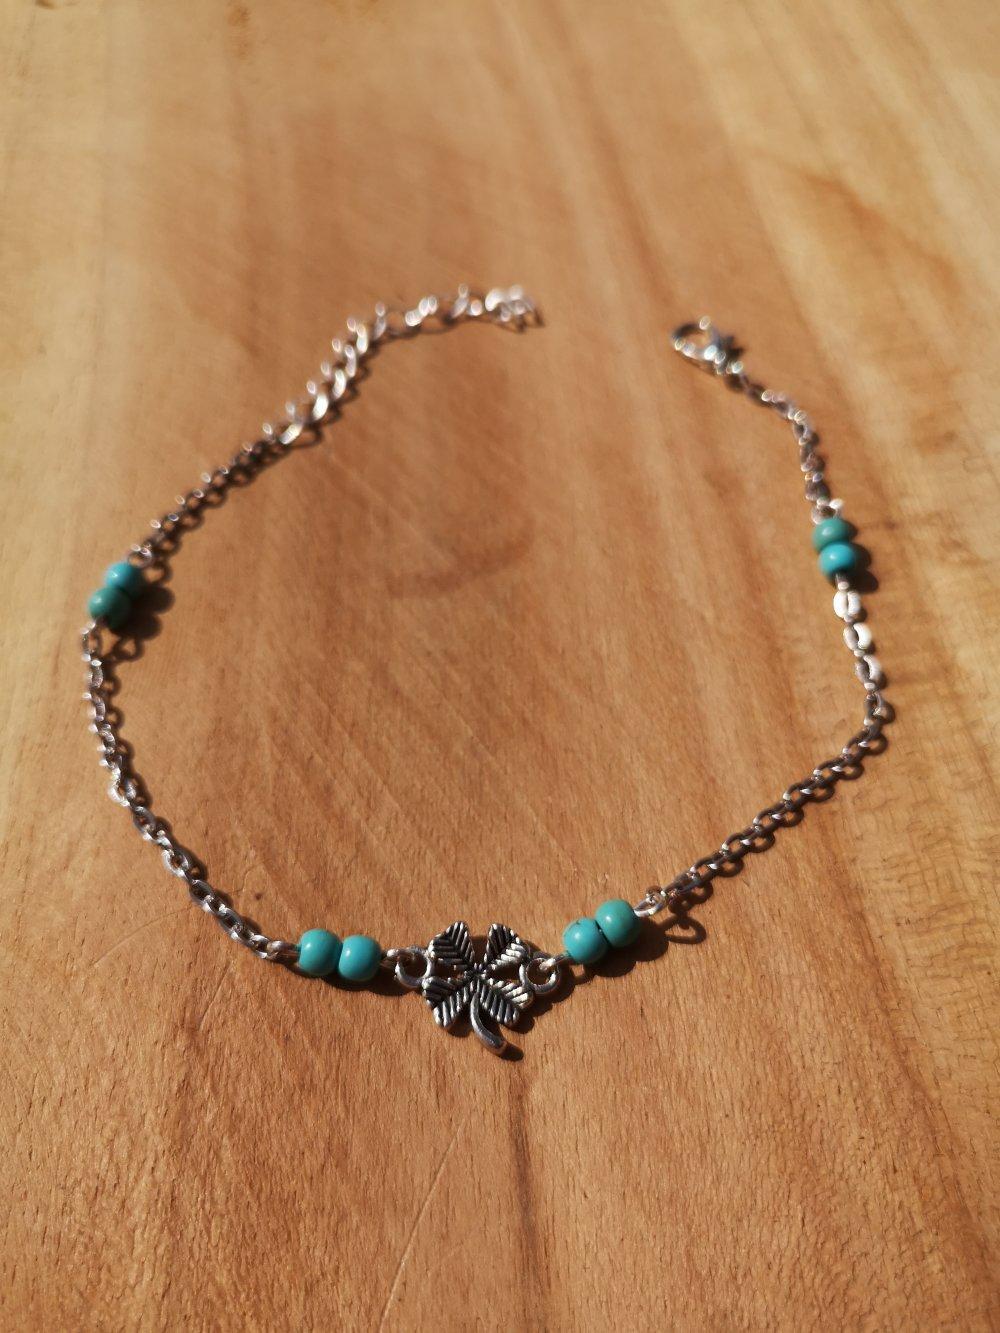 chaîne de cheville argenté, trèfle et turquoise, pierres naturelles